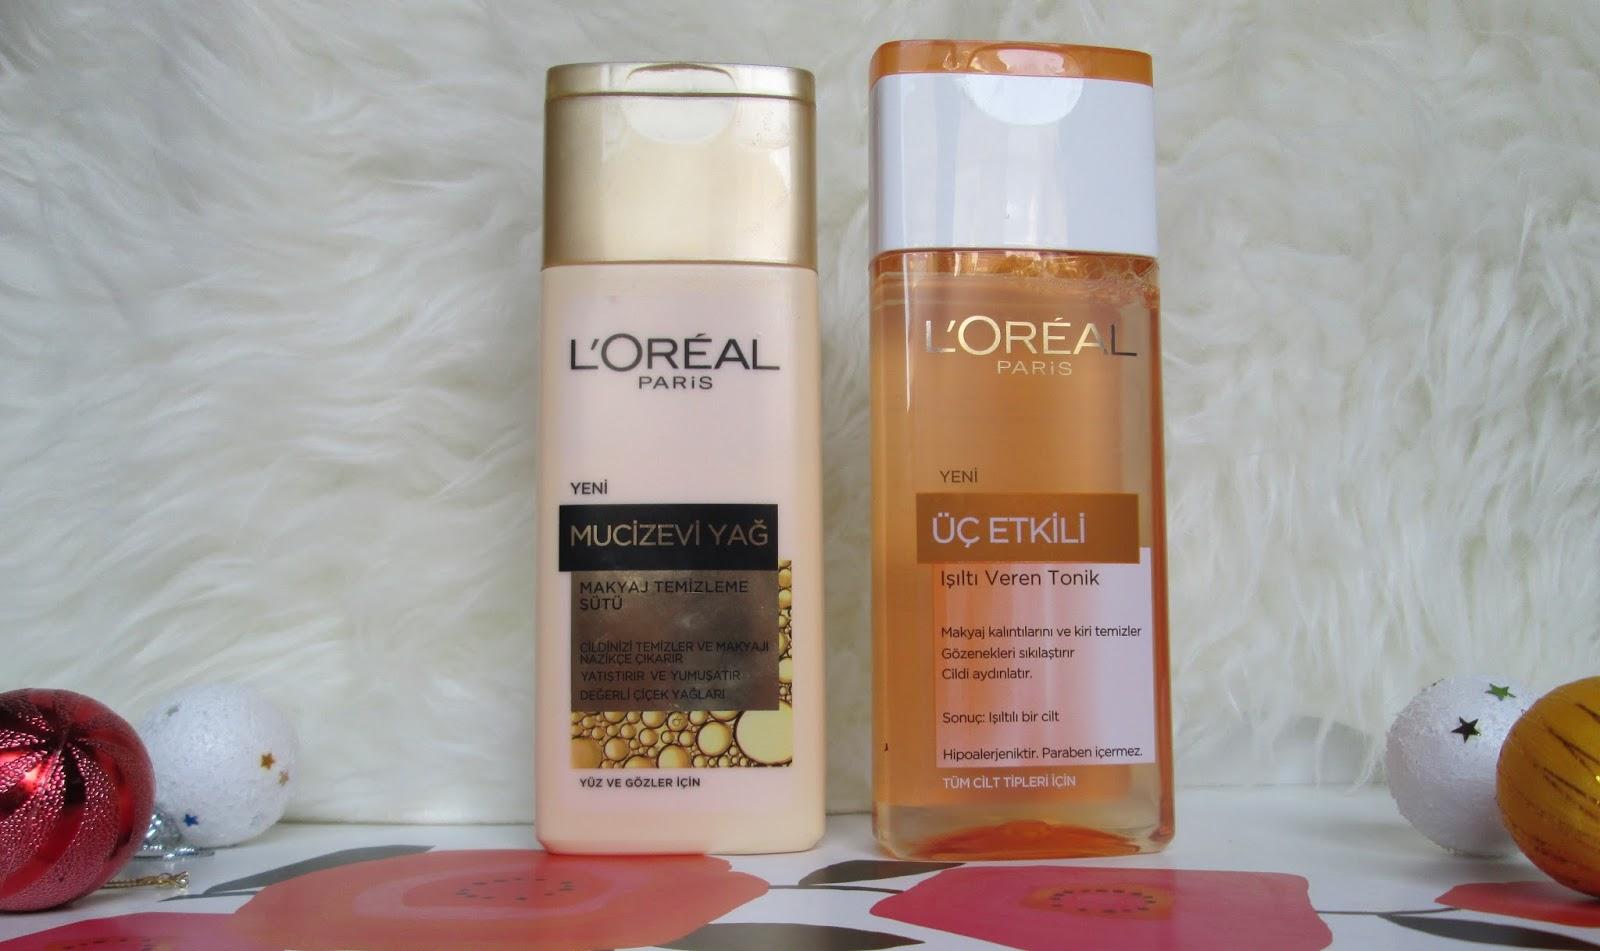 Kozmetik Loreal: incelemeler hakkında